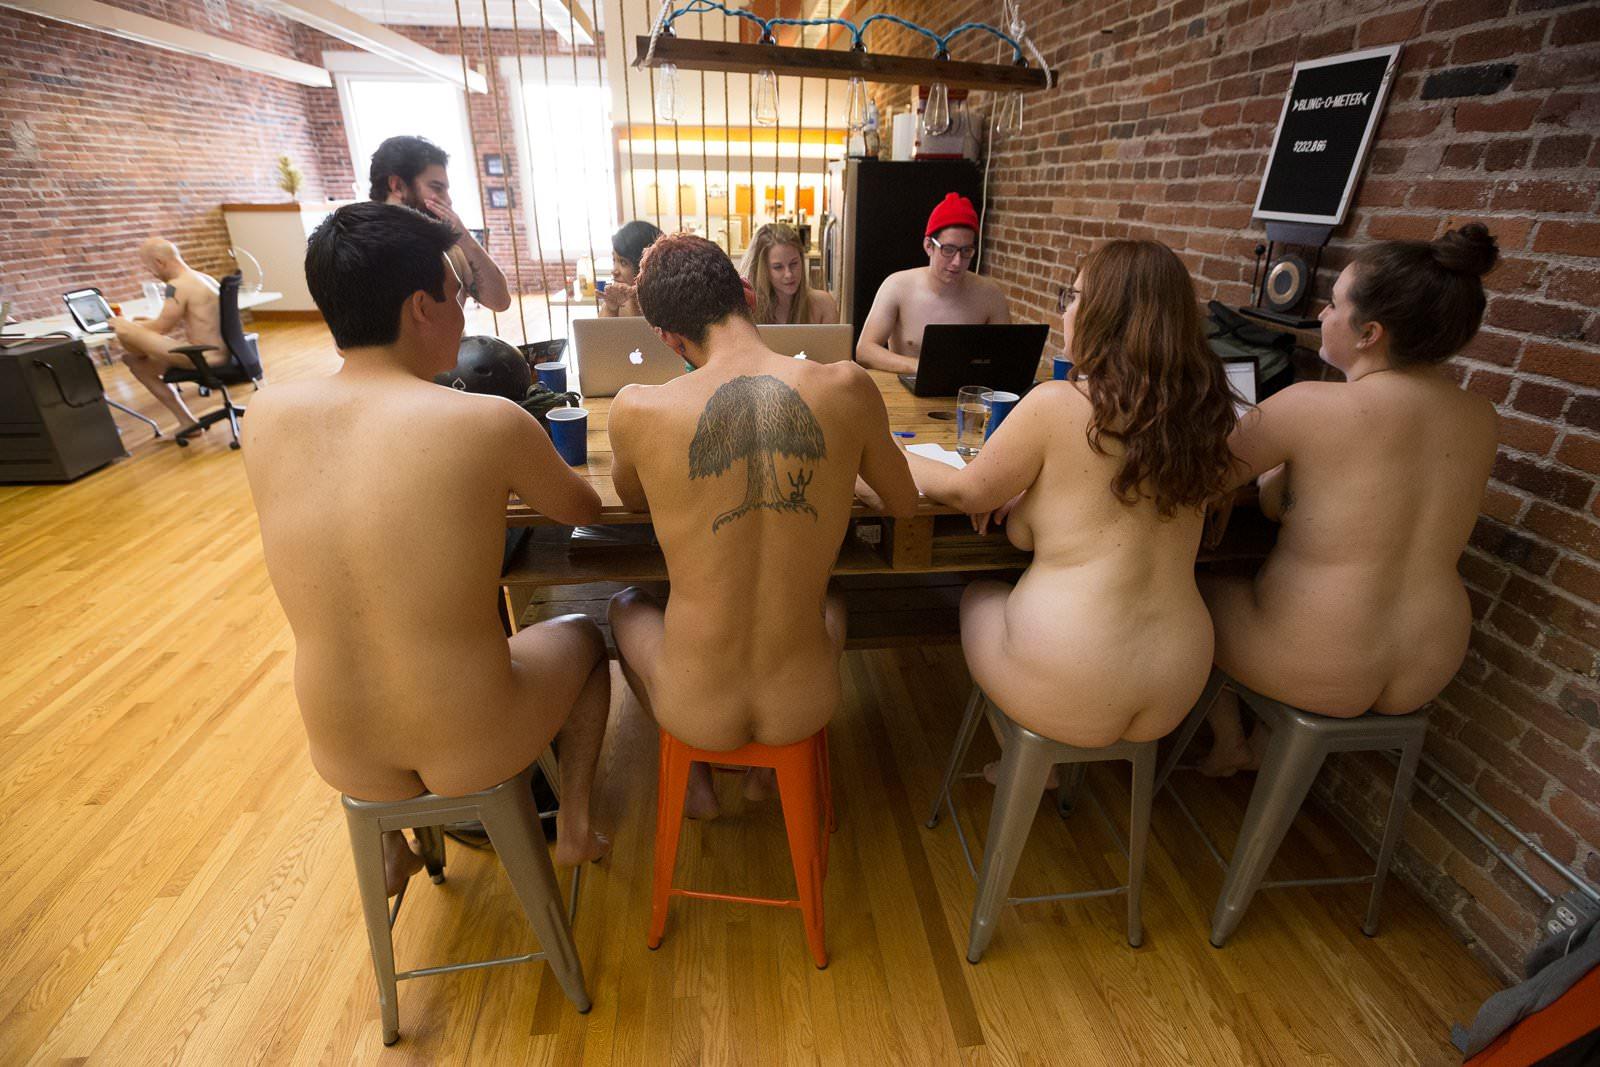 réunion de boulot sans vêteùent